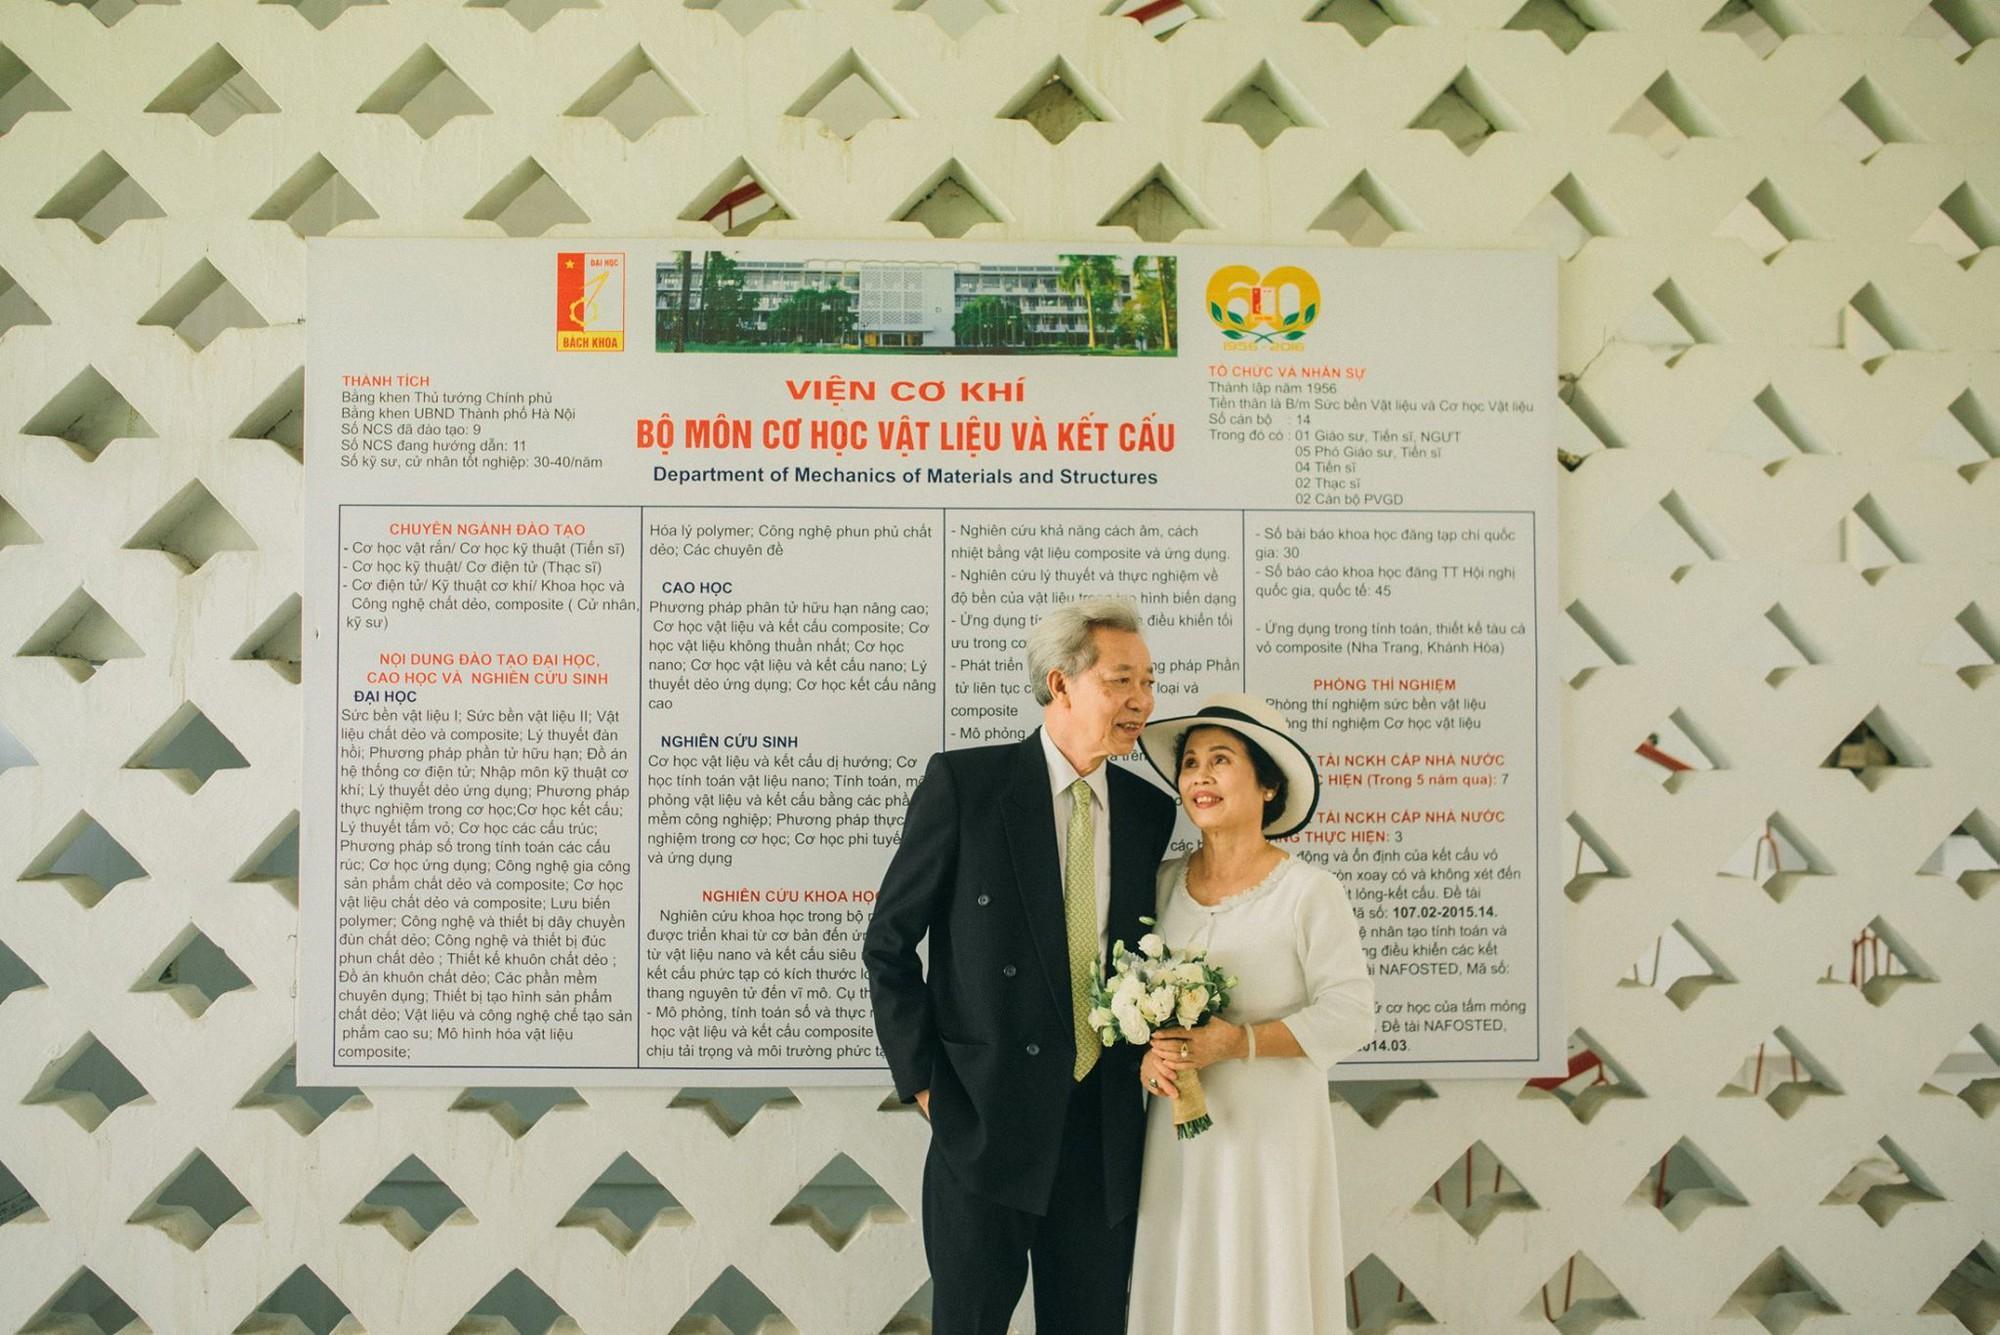 Bộ ảnh cưới đầu tiên sau 45 năm kết hôn và chia sẻ xúc động của con trai cho bố mẹ-9